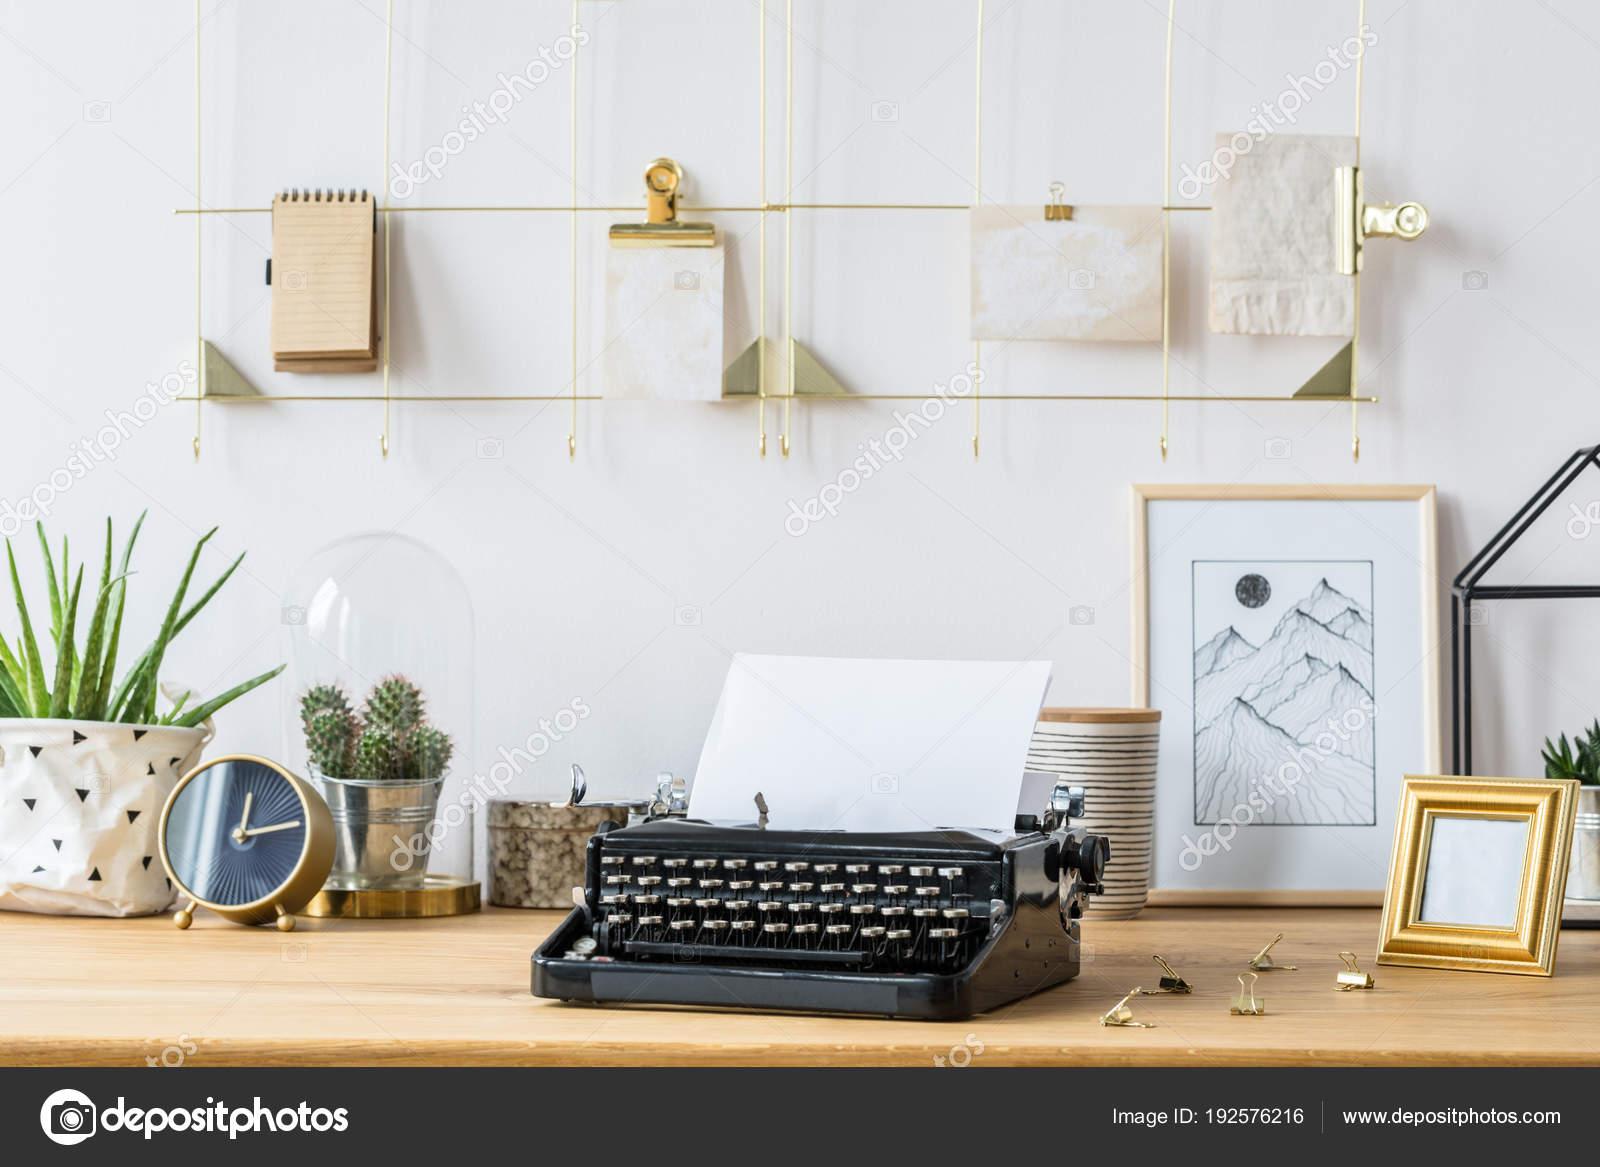 Scrivania Vintage Bianca : Scrivania con macchina da scrivere e decorazioni u foto stock